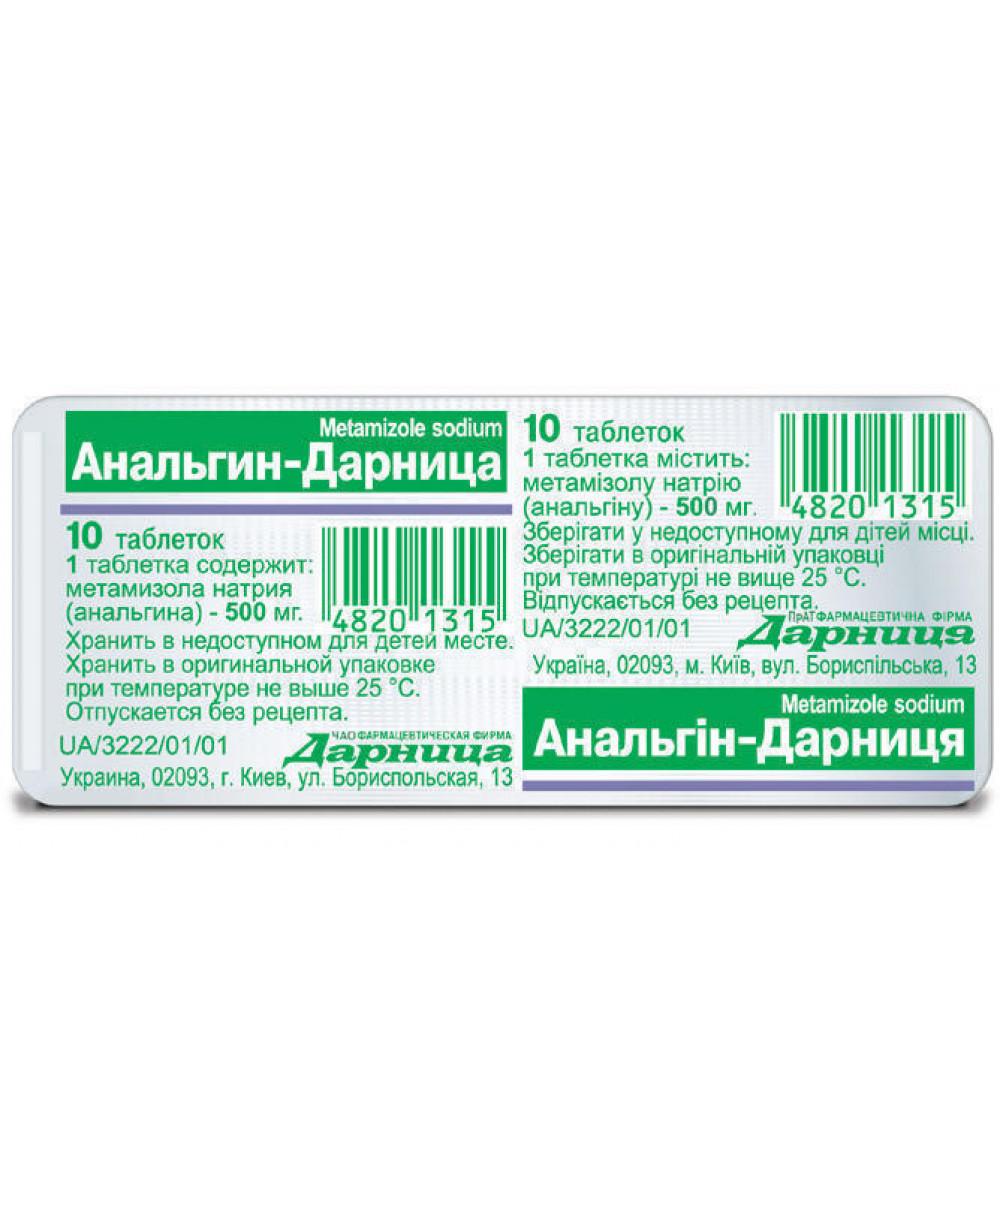 Мерказолил: характеристика препарата, инструкция по применению и отзывы пациентов, аналоги